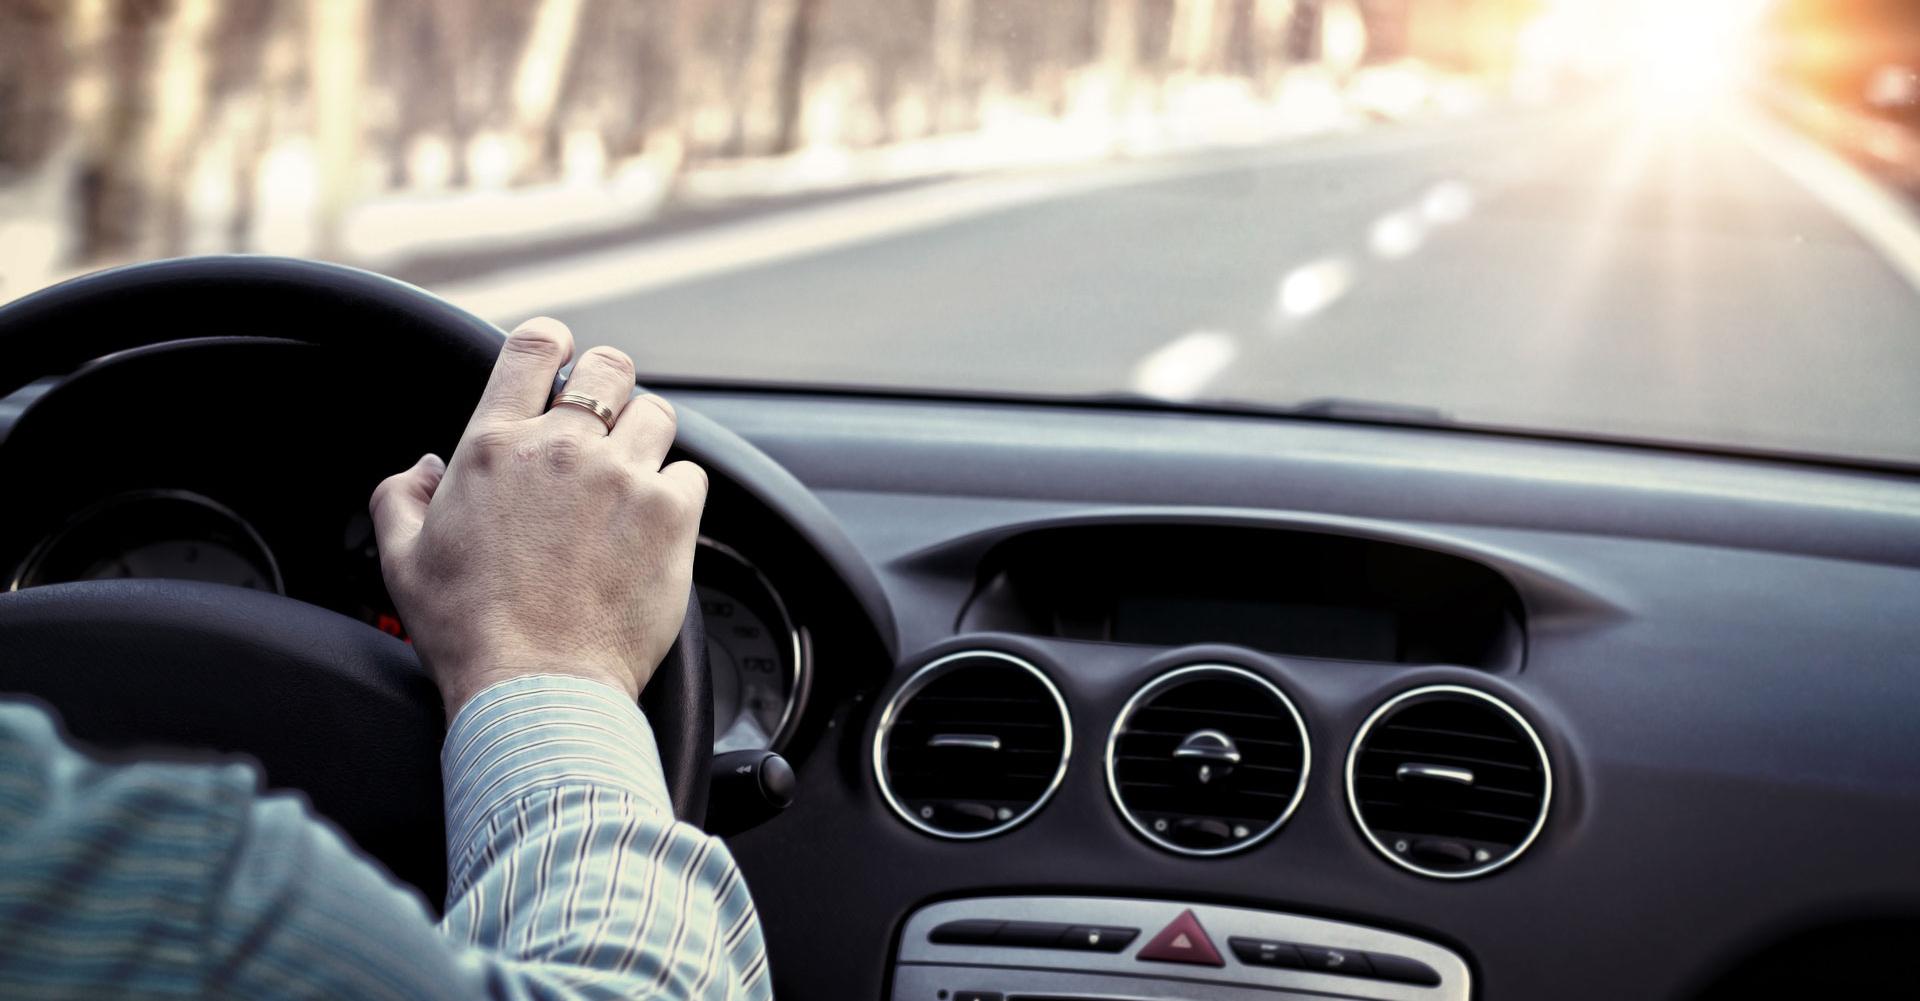 Teen Traffic Deaths Increasing